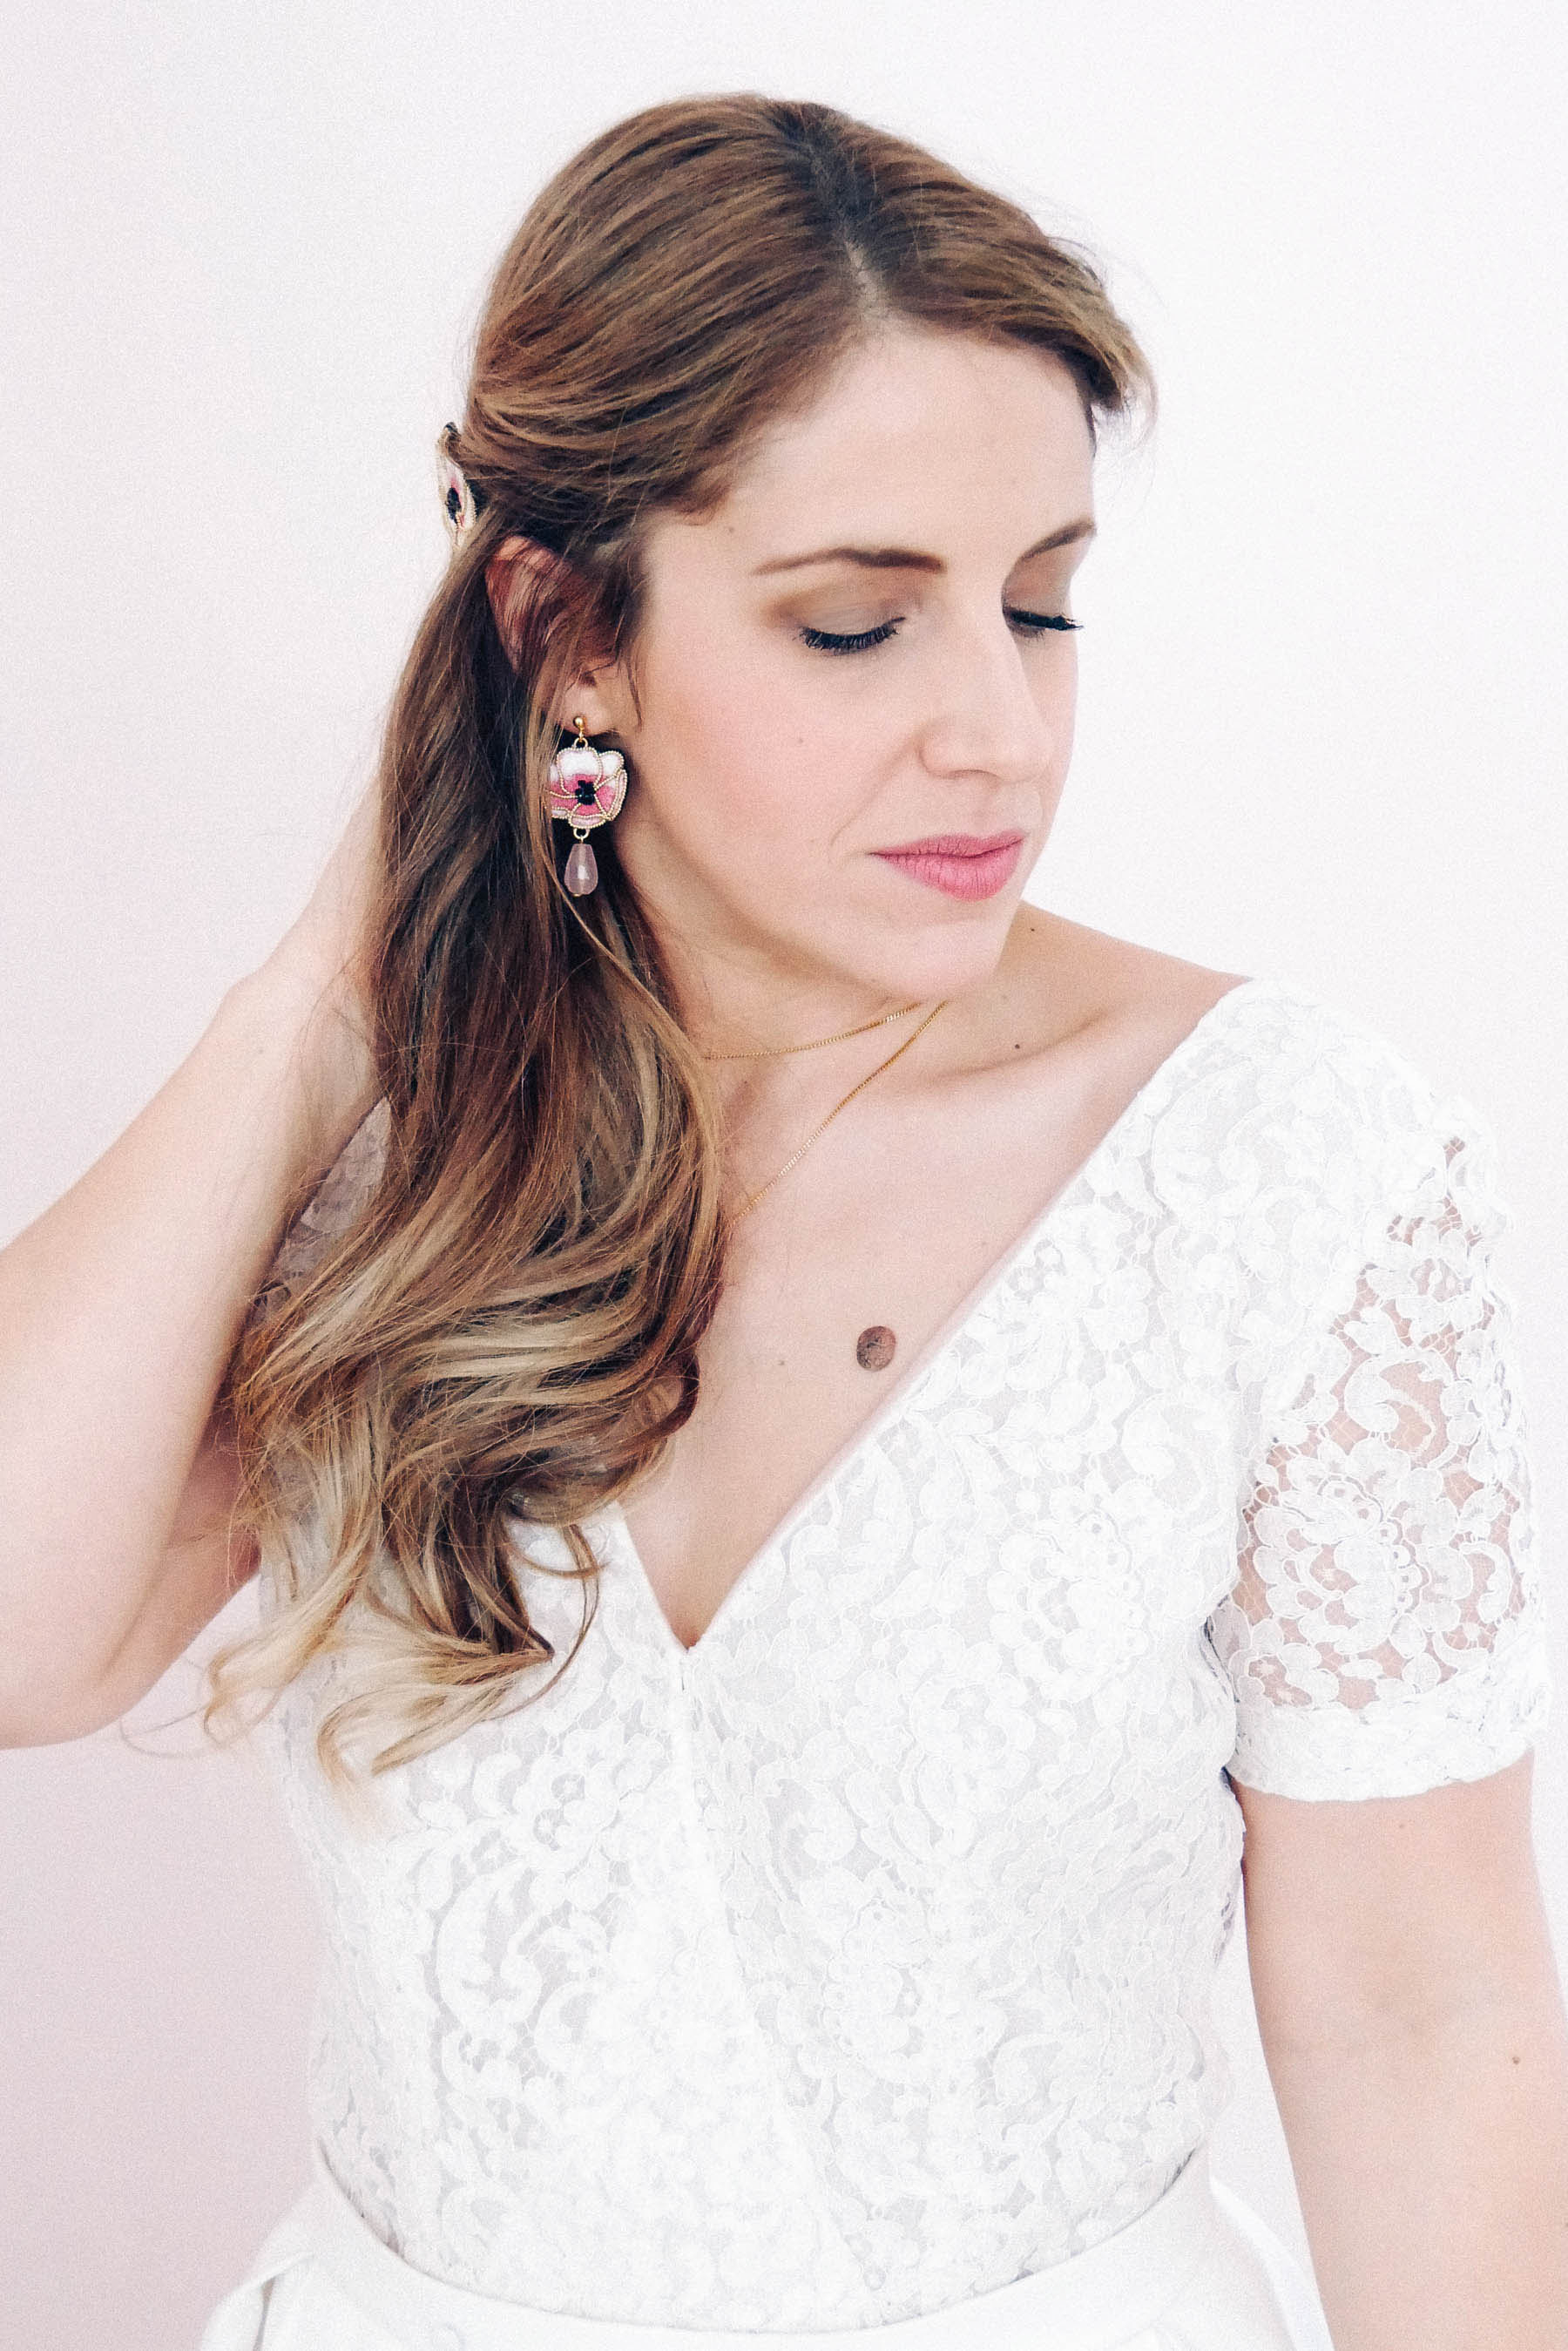 Bijoux de cheveux fait main Nini Peony collaboration La Fiancee du Panda blog mariage et lifestyle-1180660